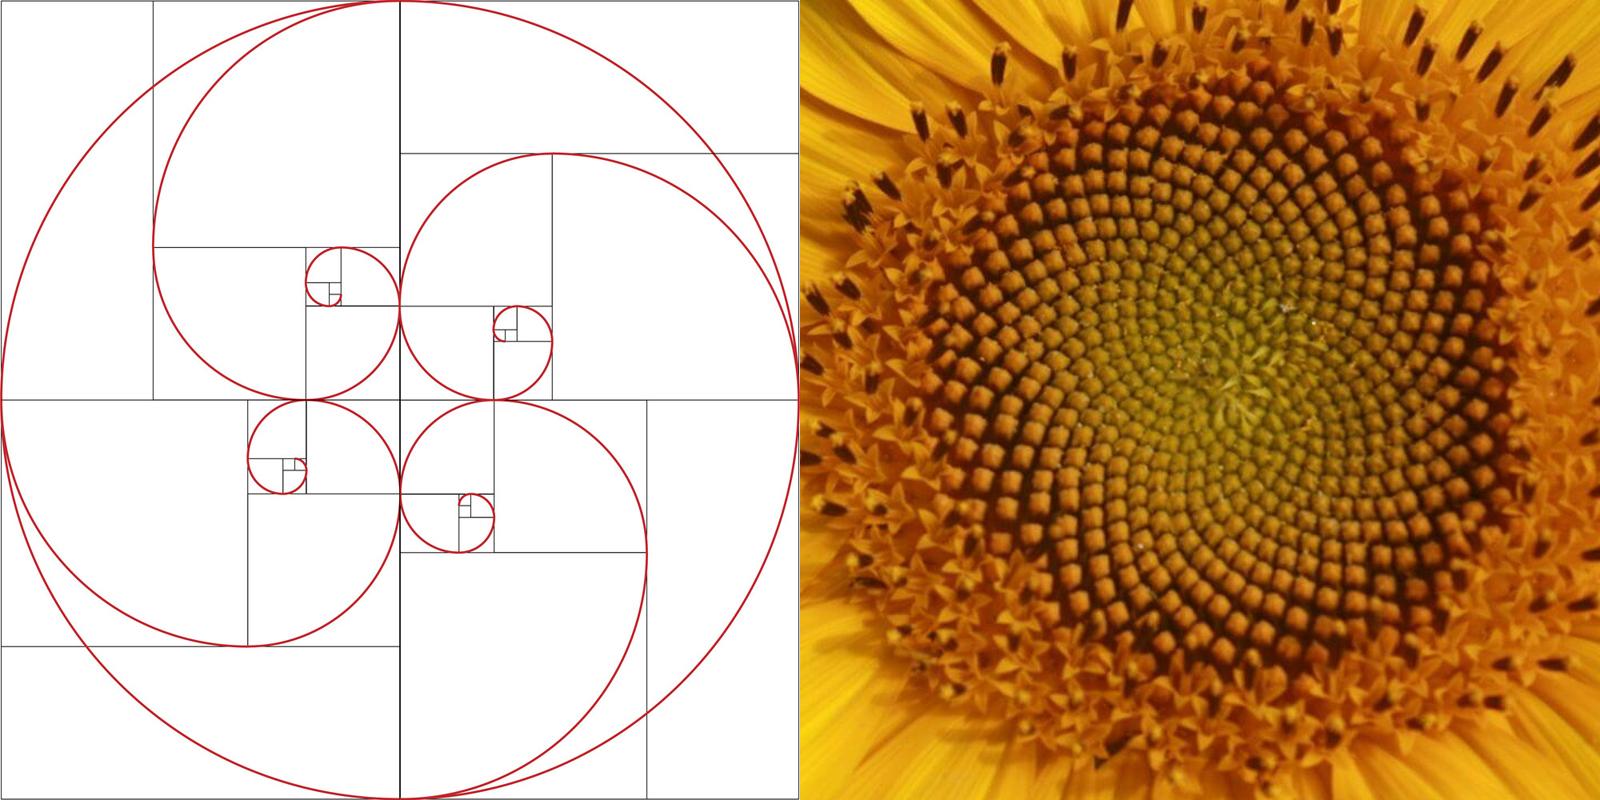 Golden Rasio dari Bunga Matahari komposisi dadar